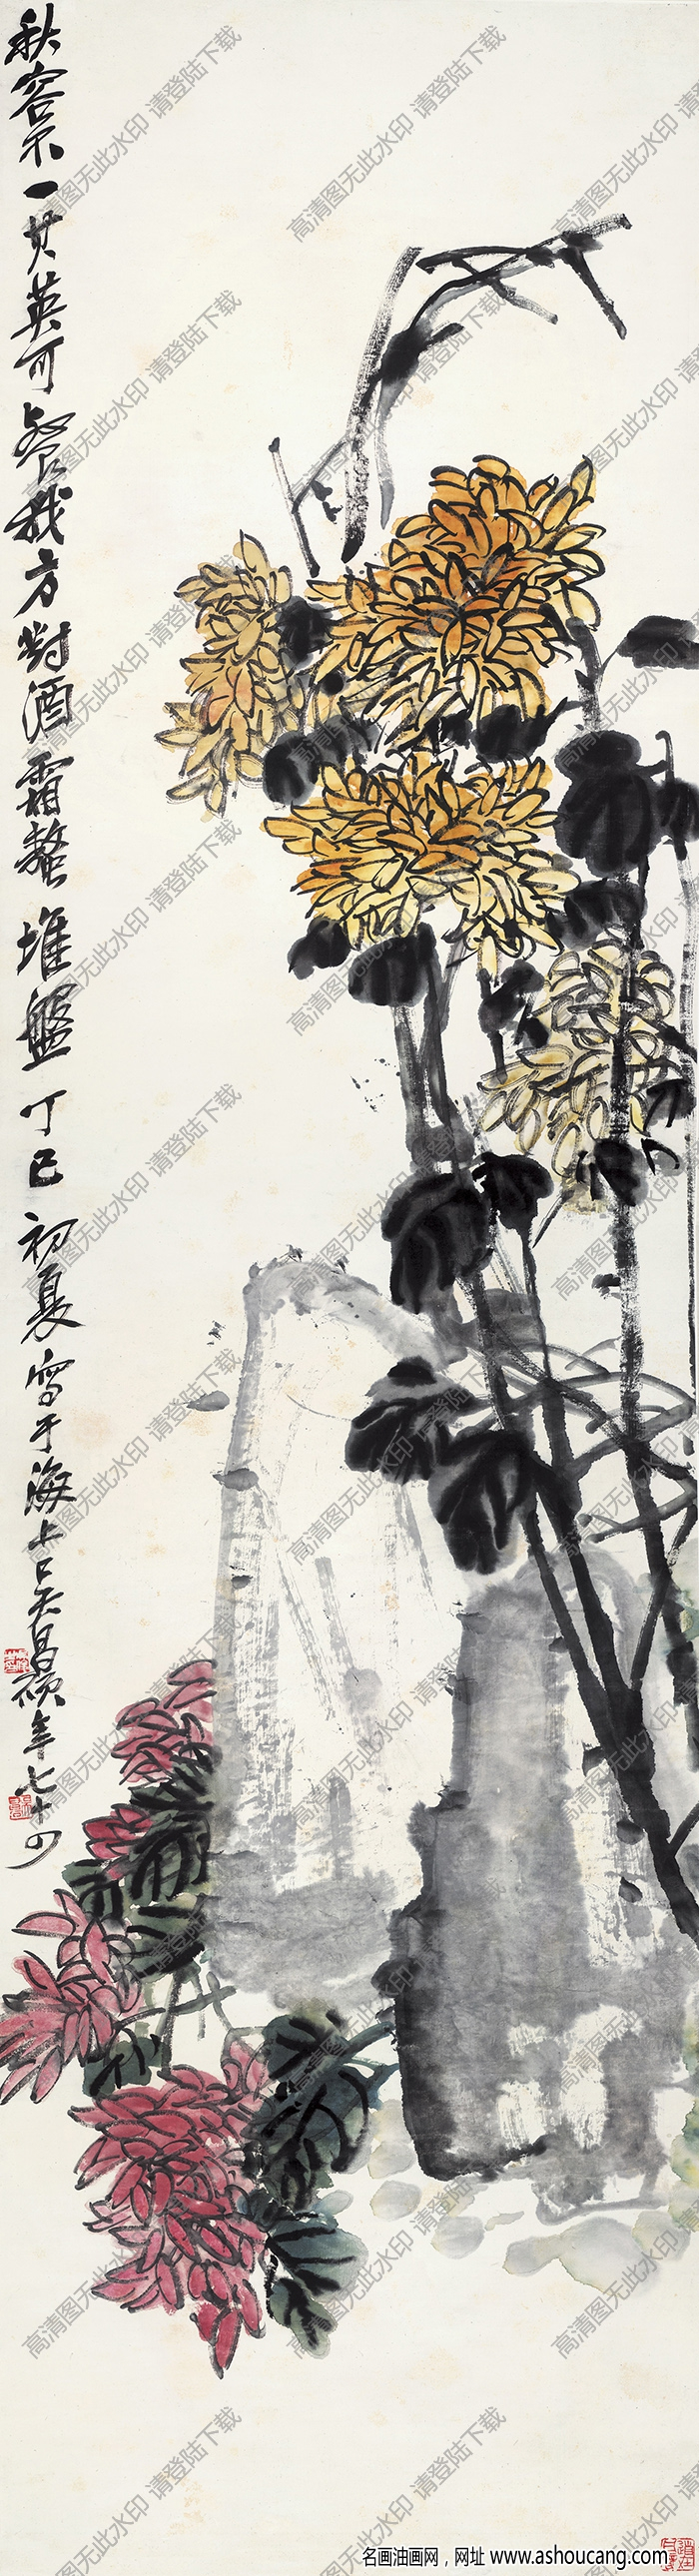 吴昌硕 国画《花卉四条屏之二》高清大图下载